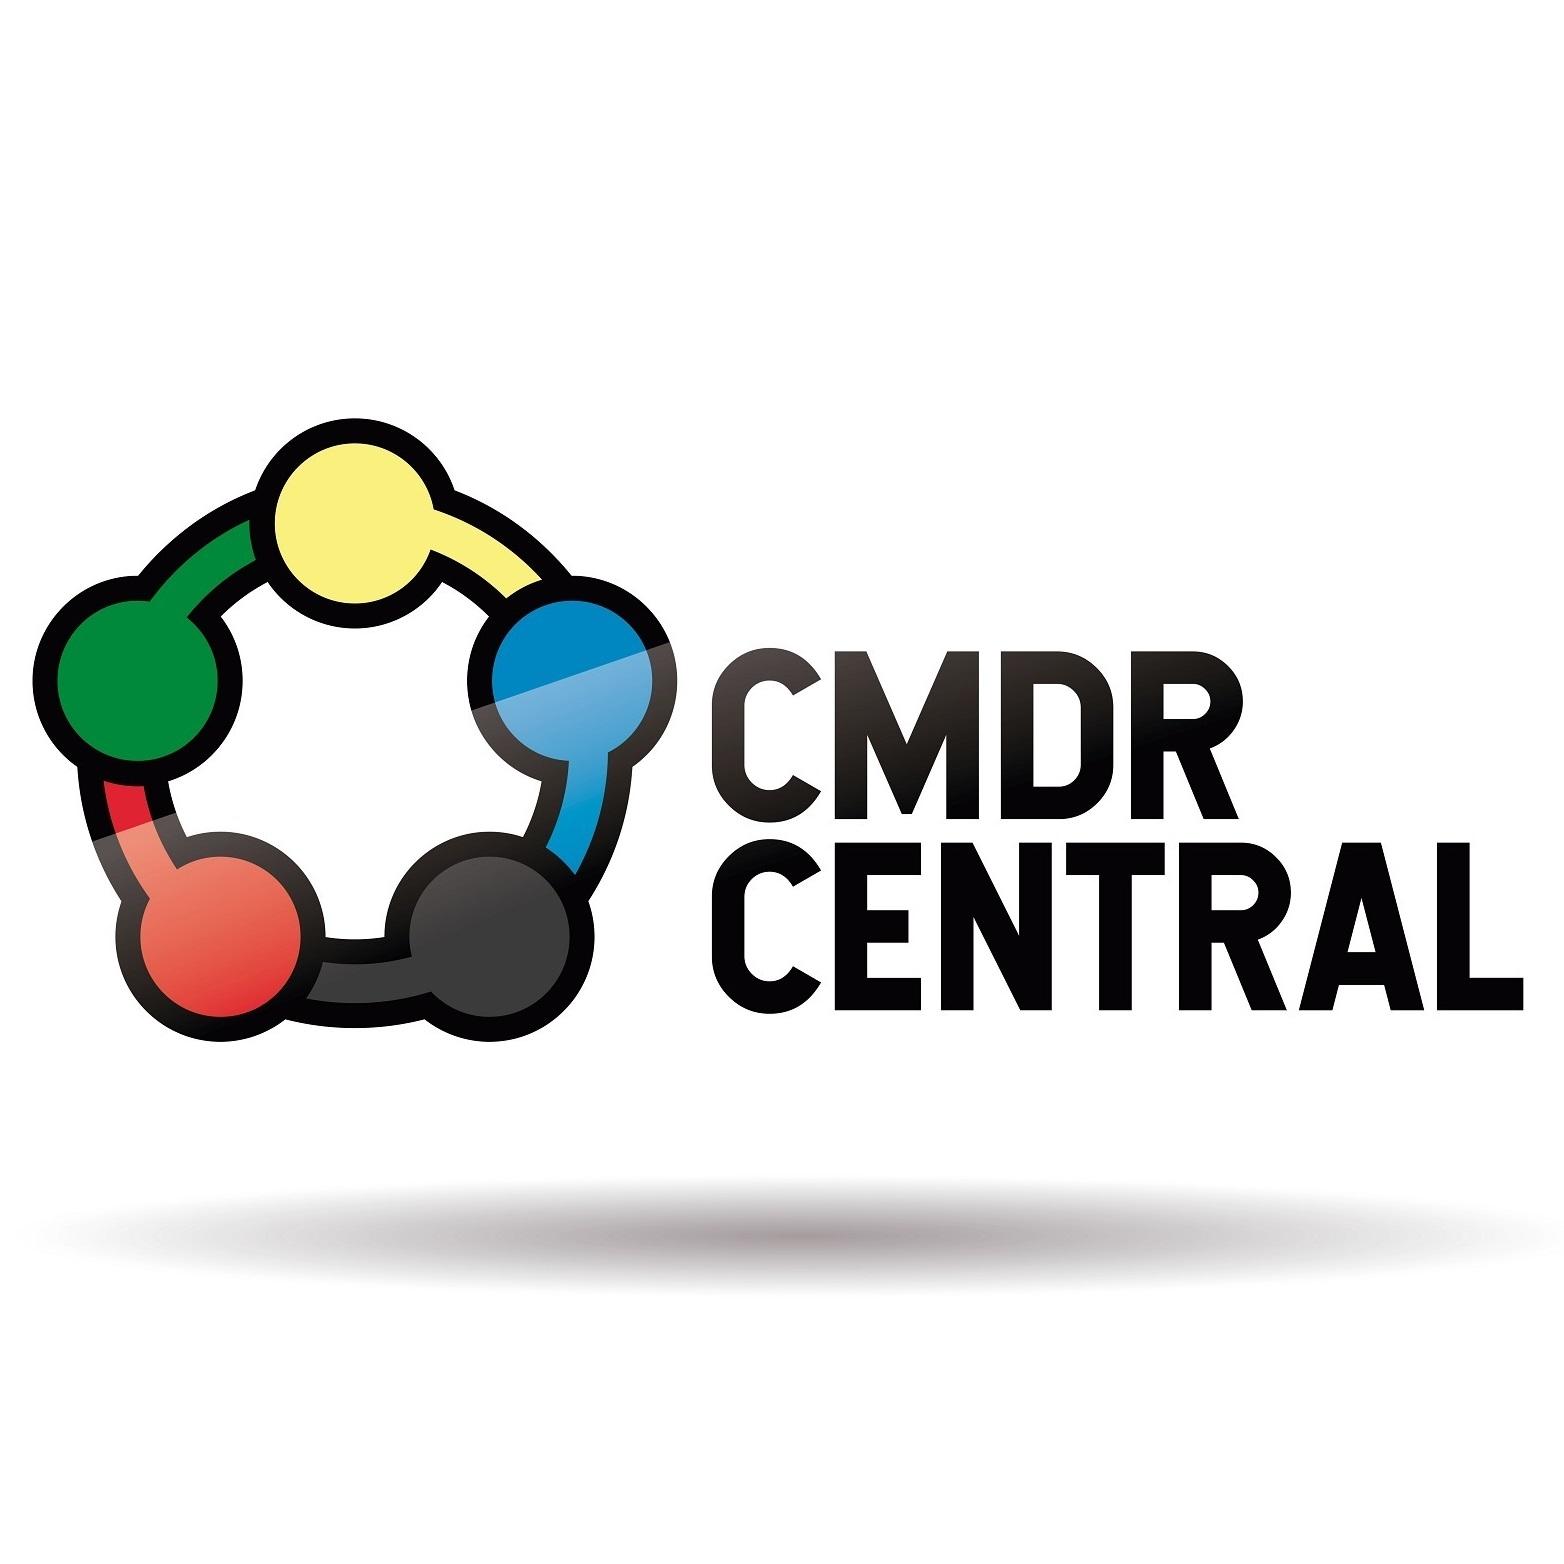 CMDR Central show art